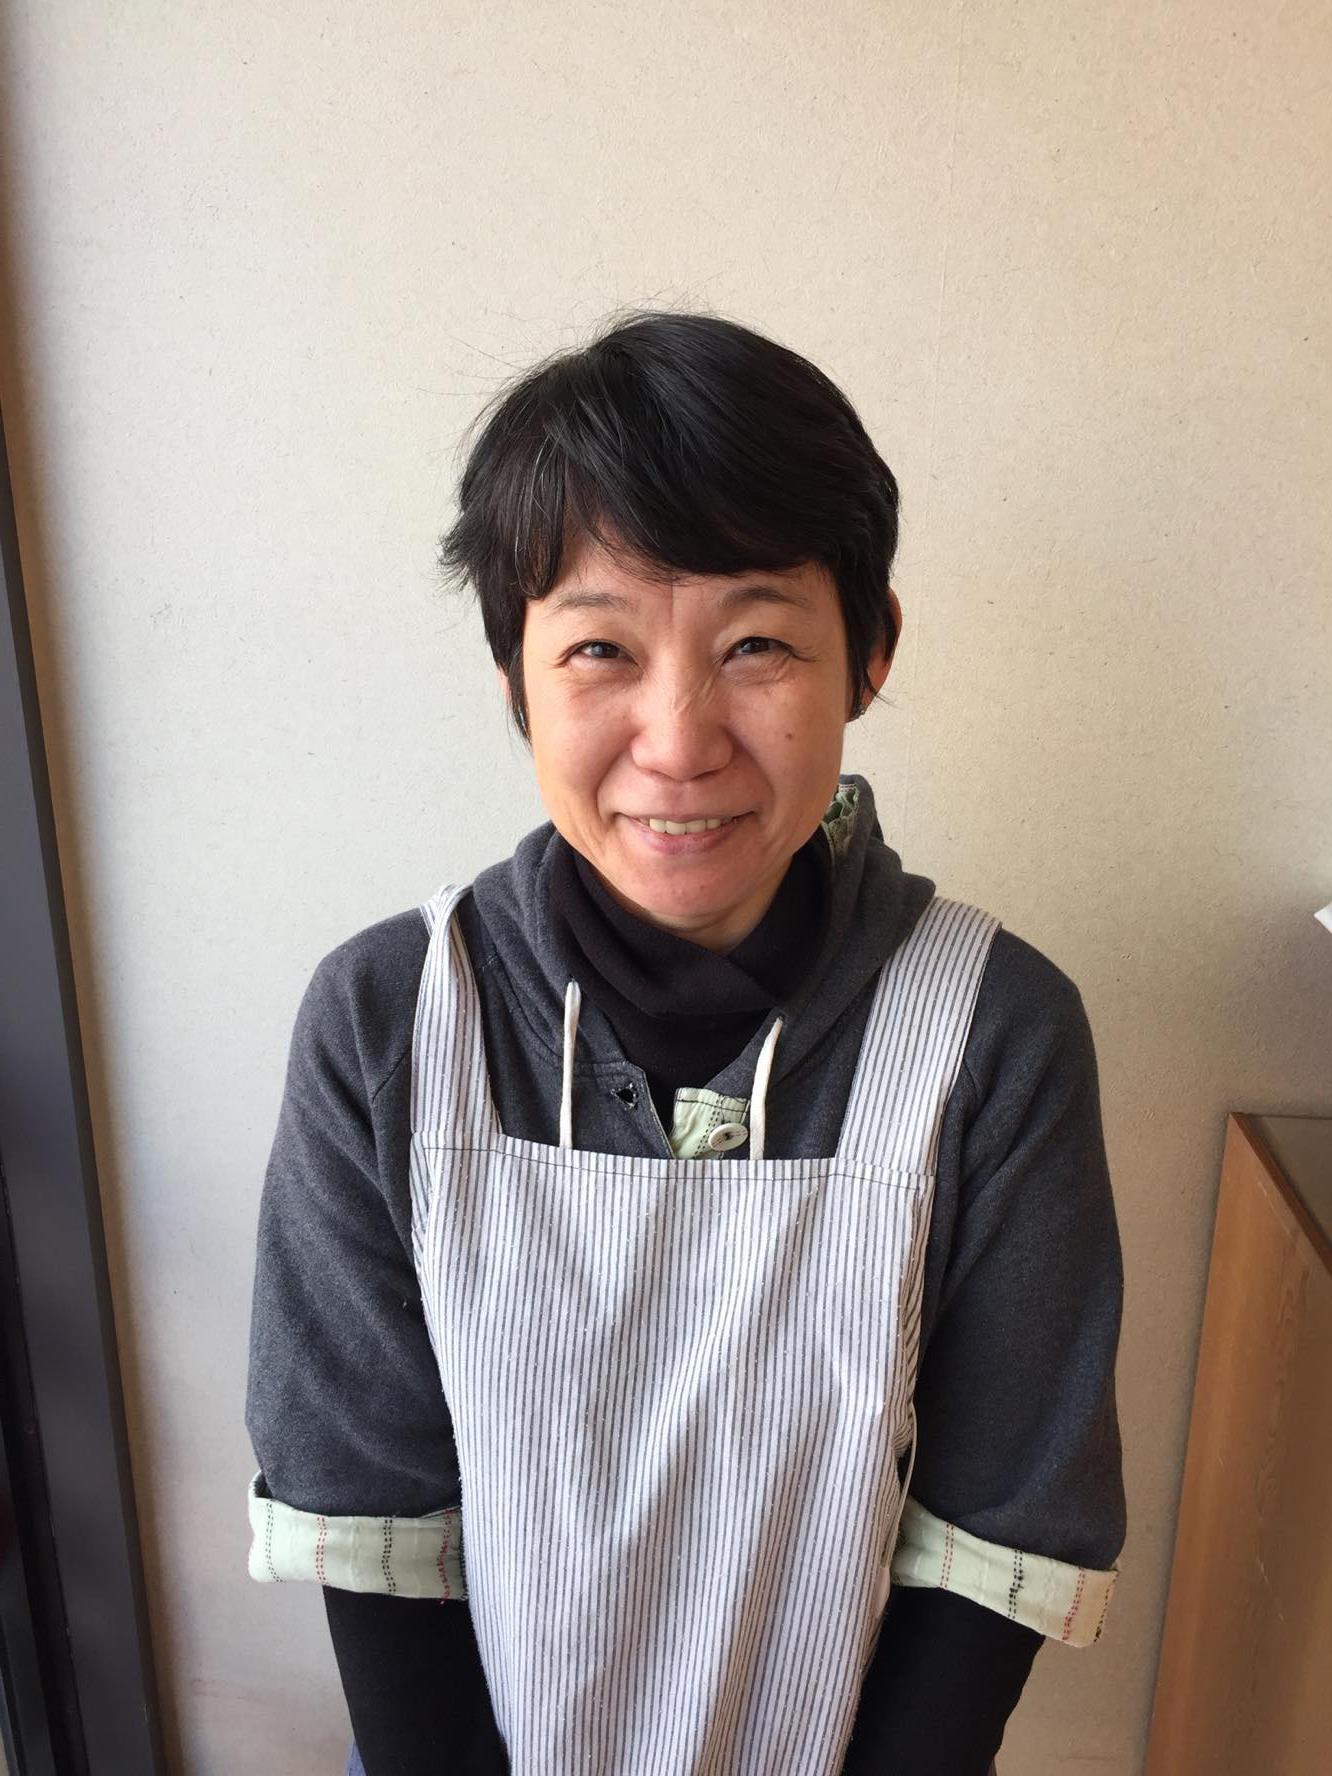 親しみやすく和やかな五代目小野桂子さん。